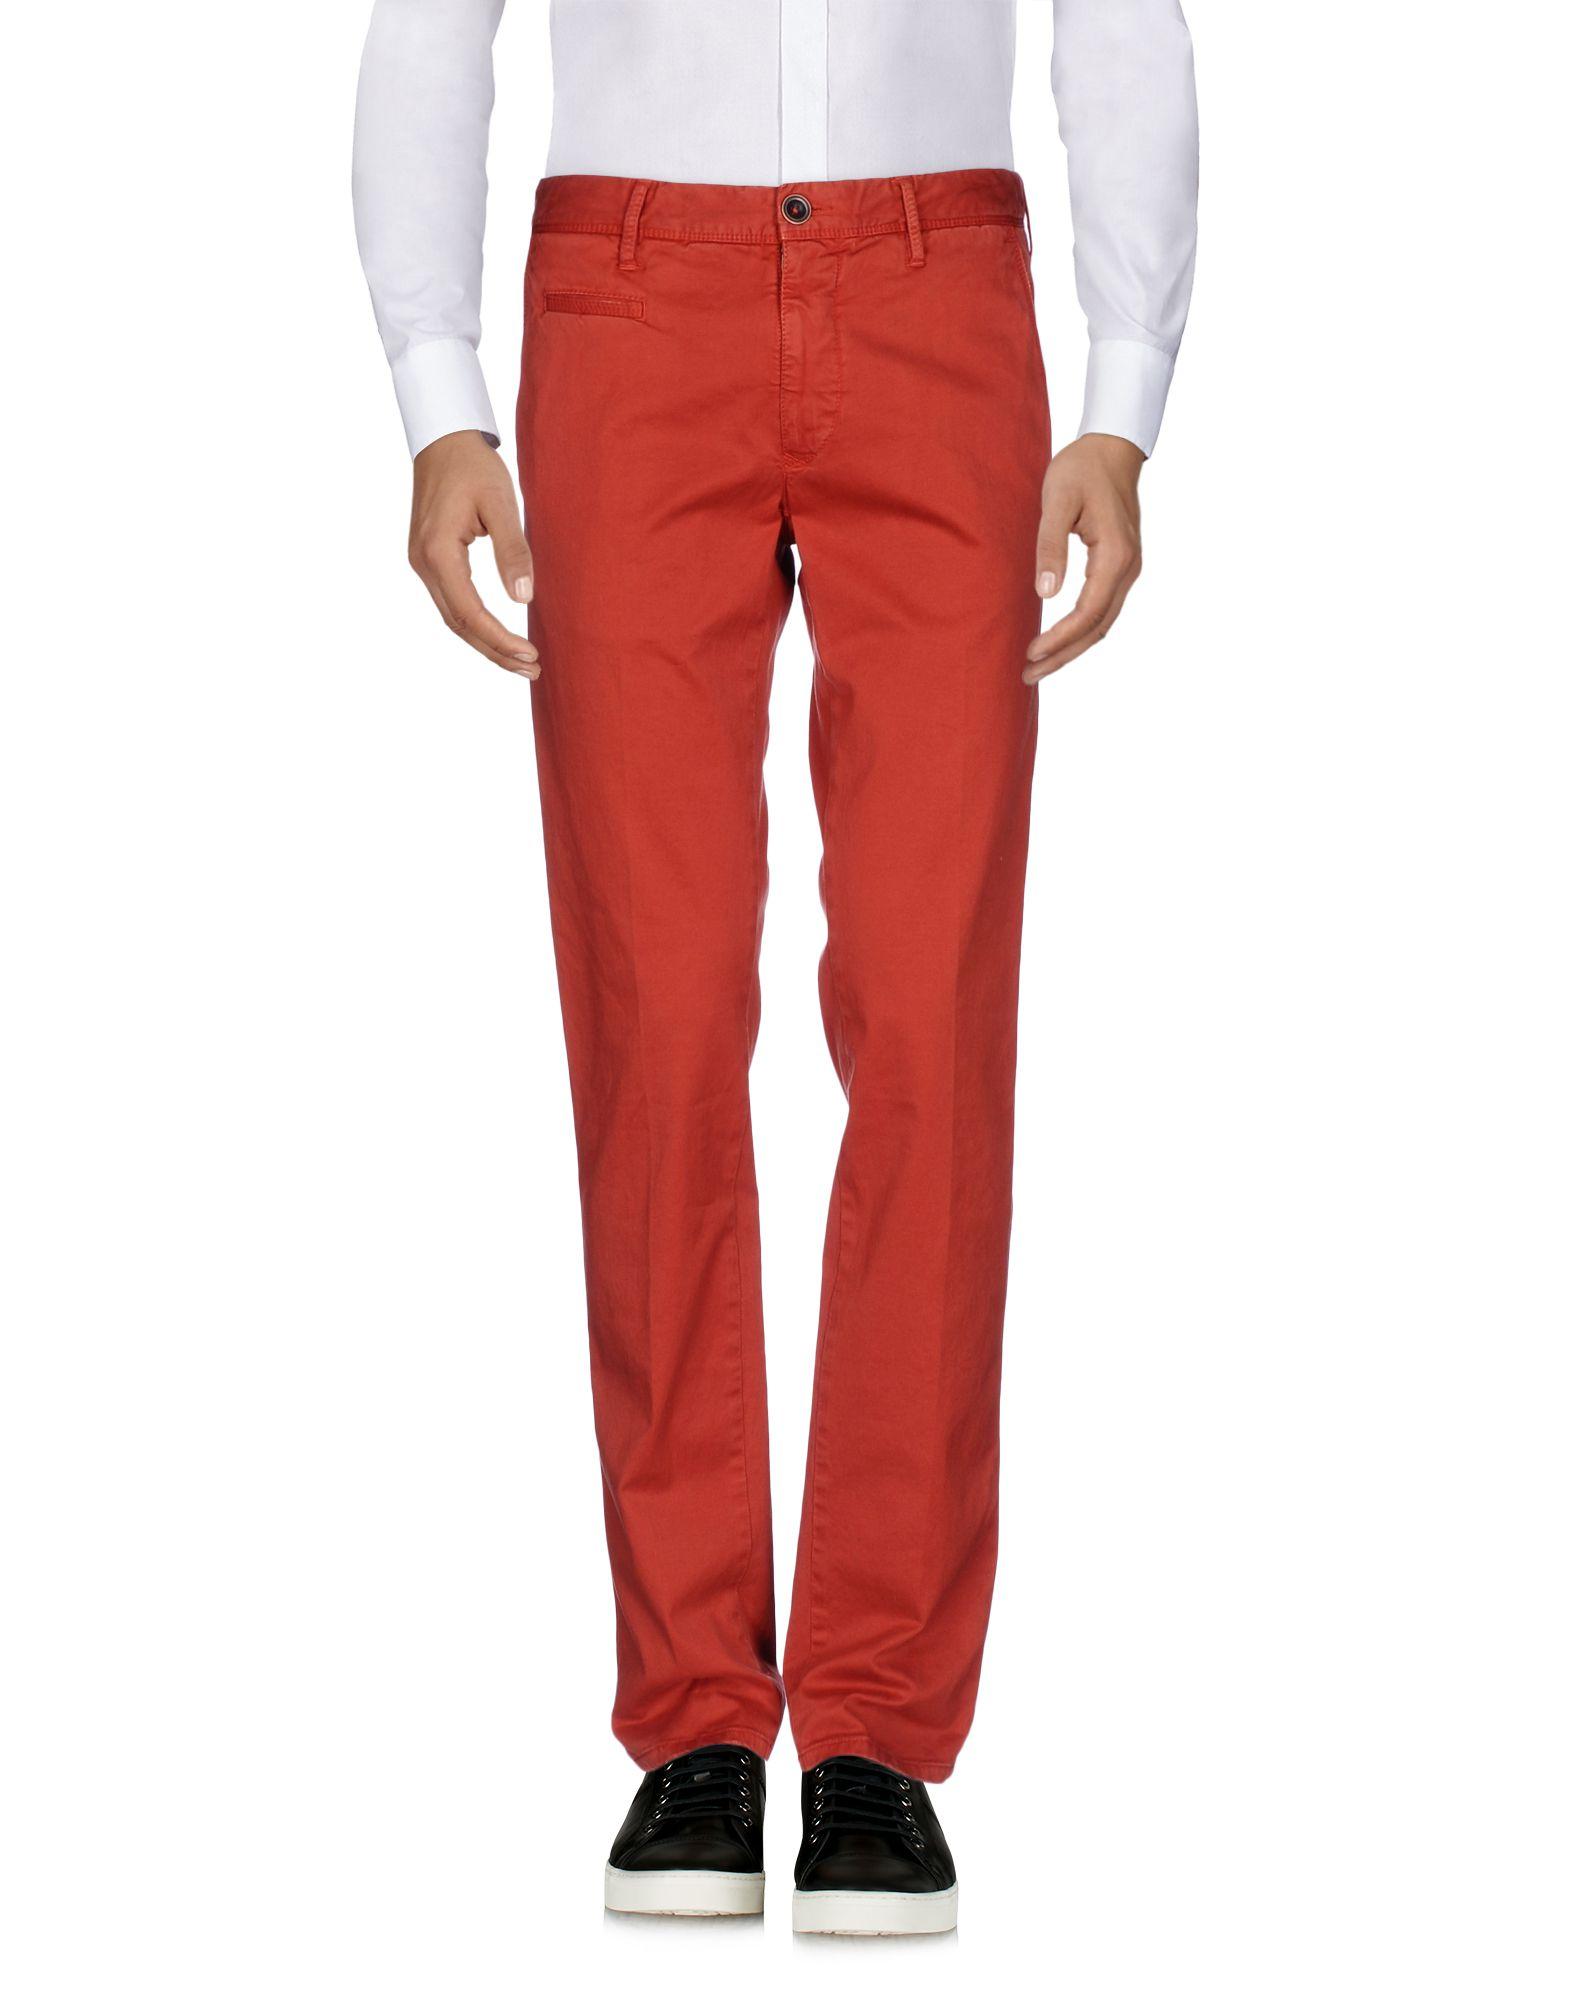 Pantalone Incotex uomo - 13056433BK 13056433BK 13056433BK 148